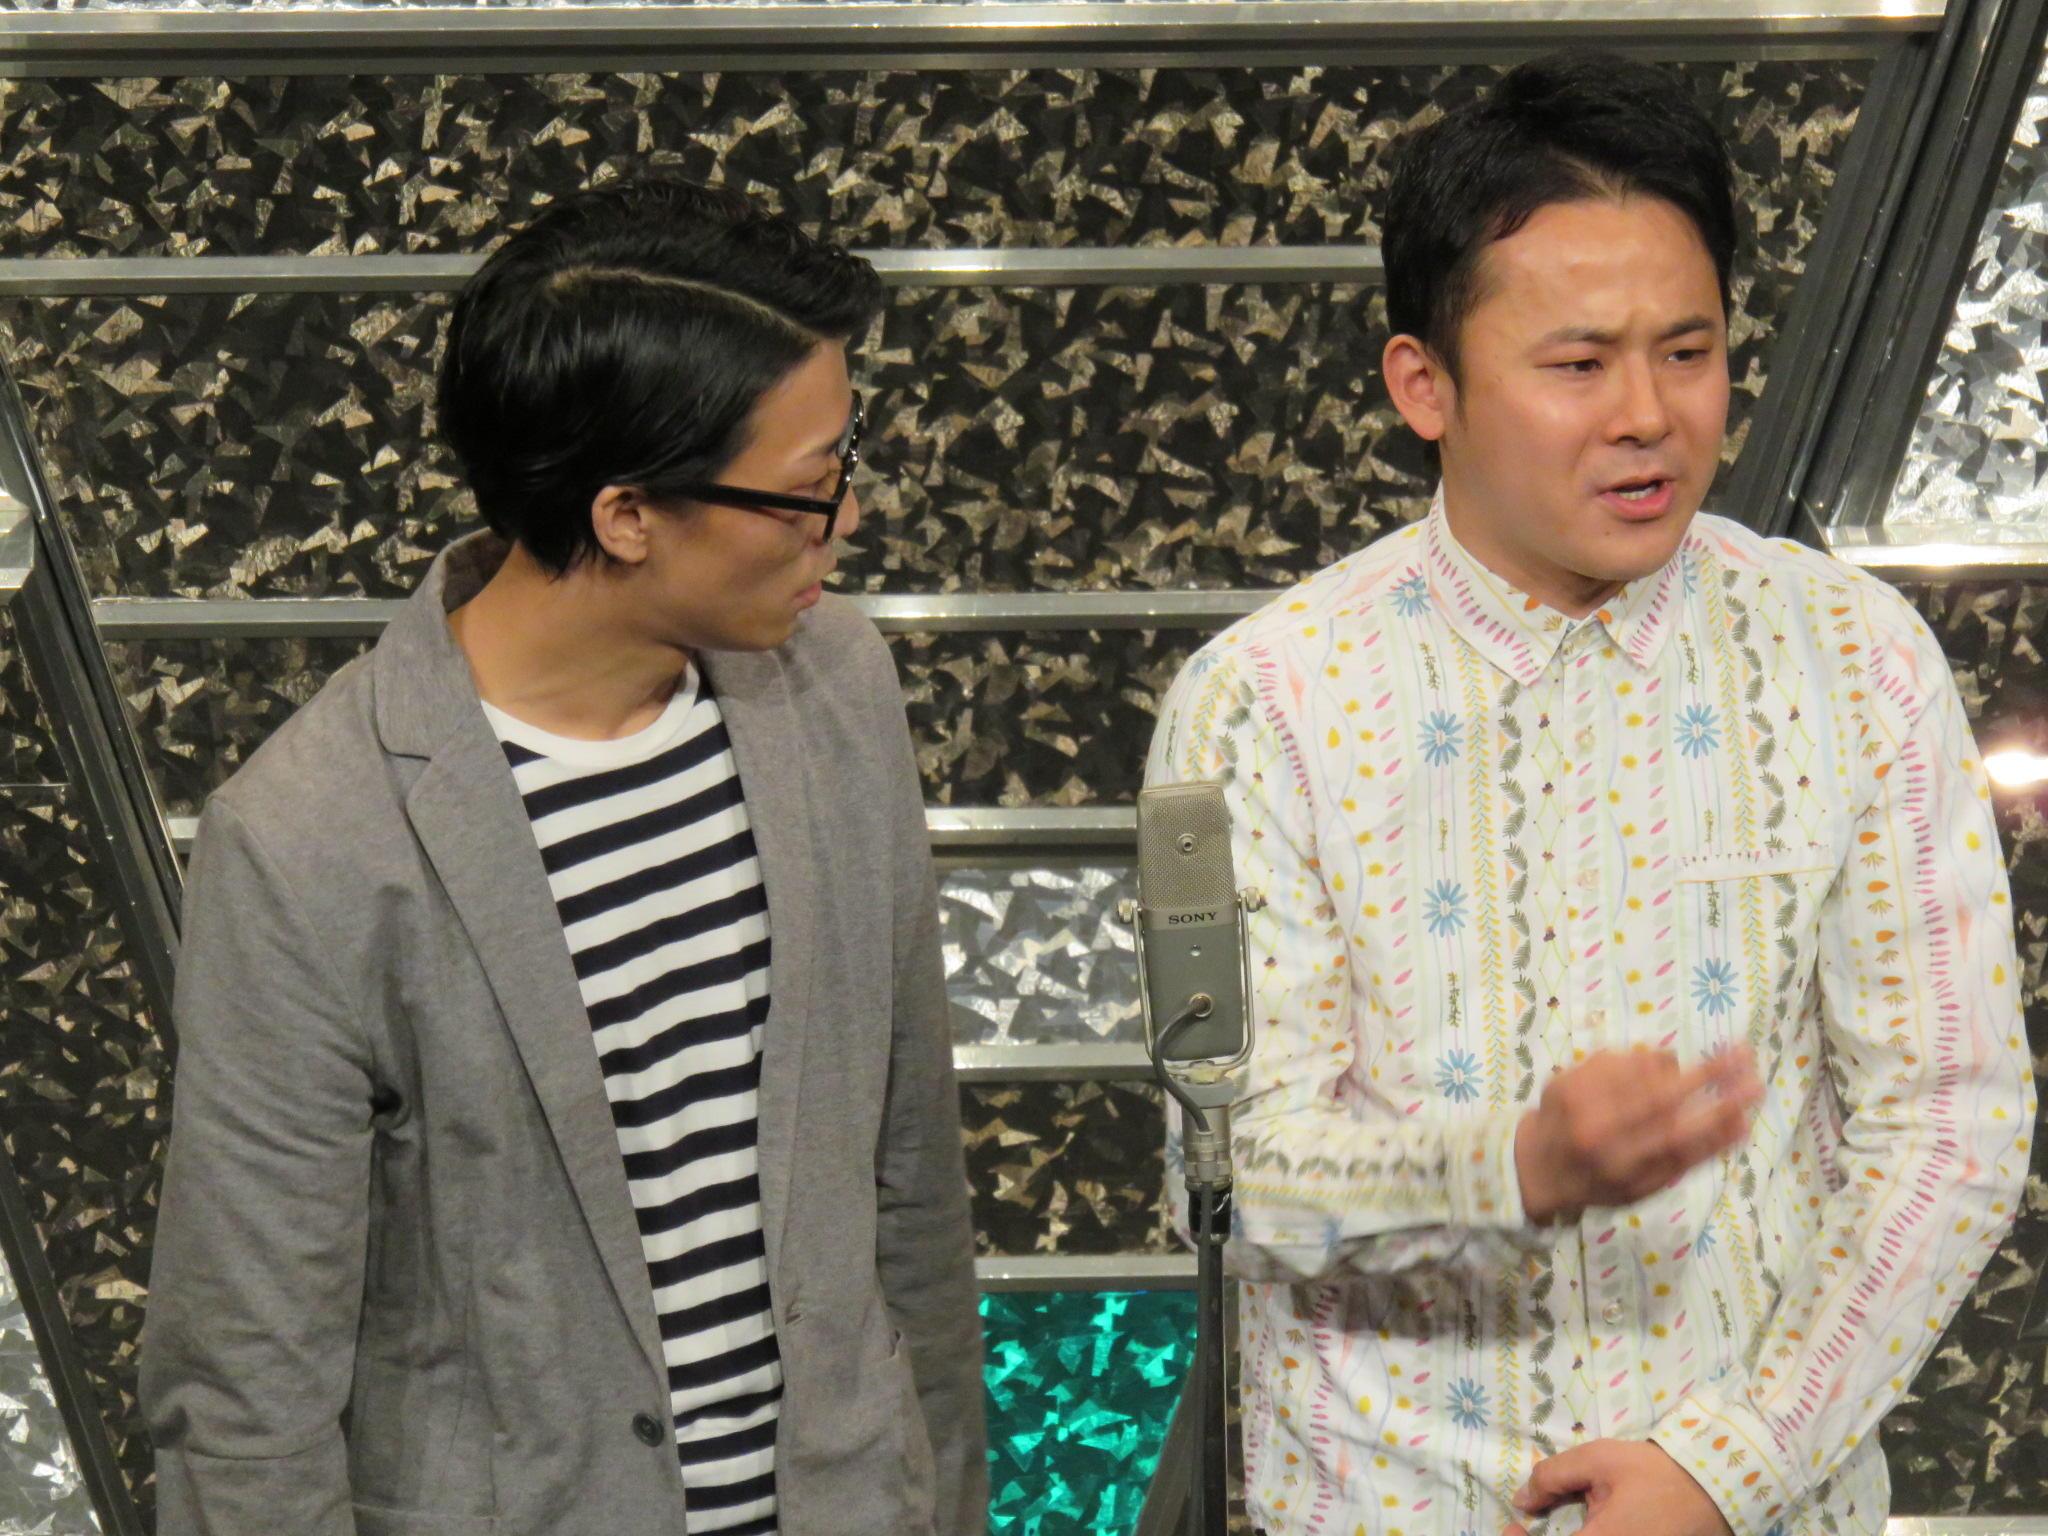 http://news.yoshimoto.co.jp/20151130224456-2d269cac2f7ae537486f7a6946059dd2c0e36727.jpg